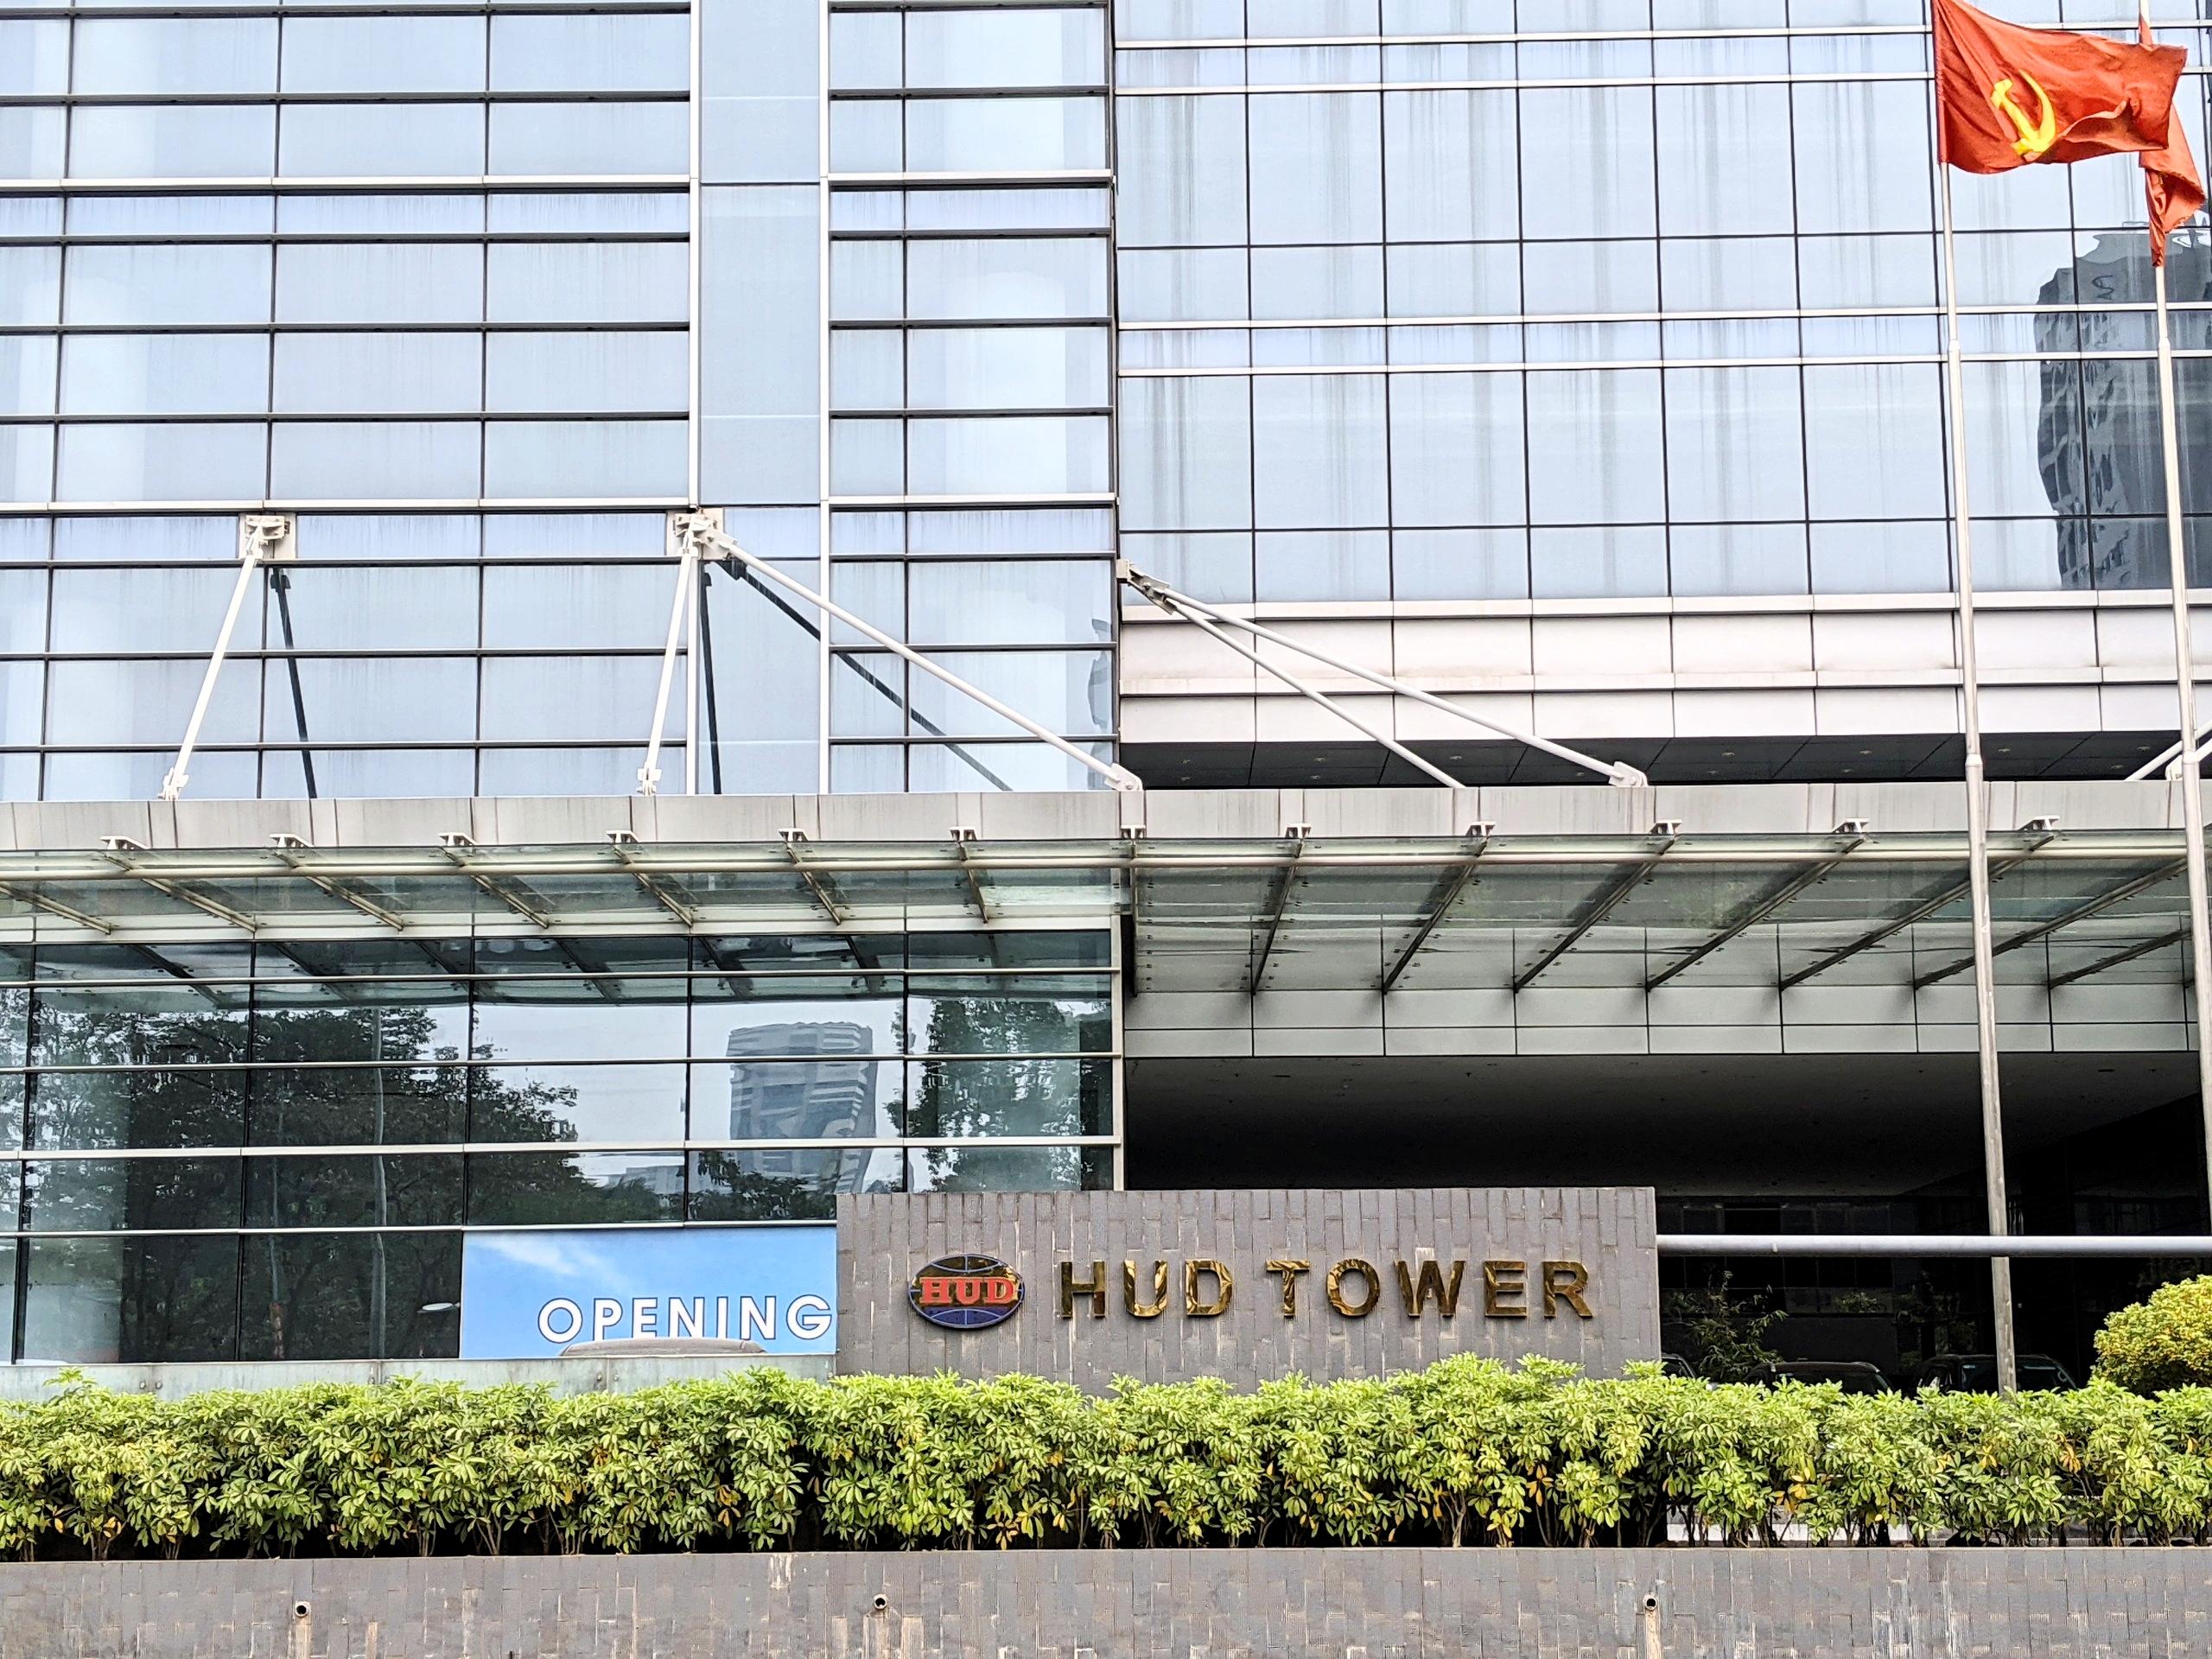 Thị trường văn phòng Hà Nội sẽ thay đổi ra sao trong thời gian tới? - Ảnh 2.